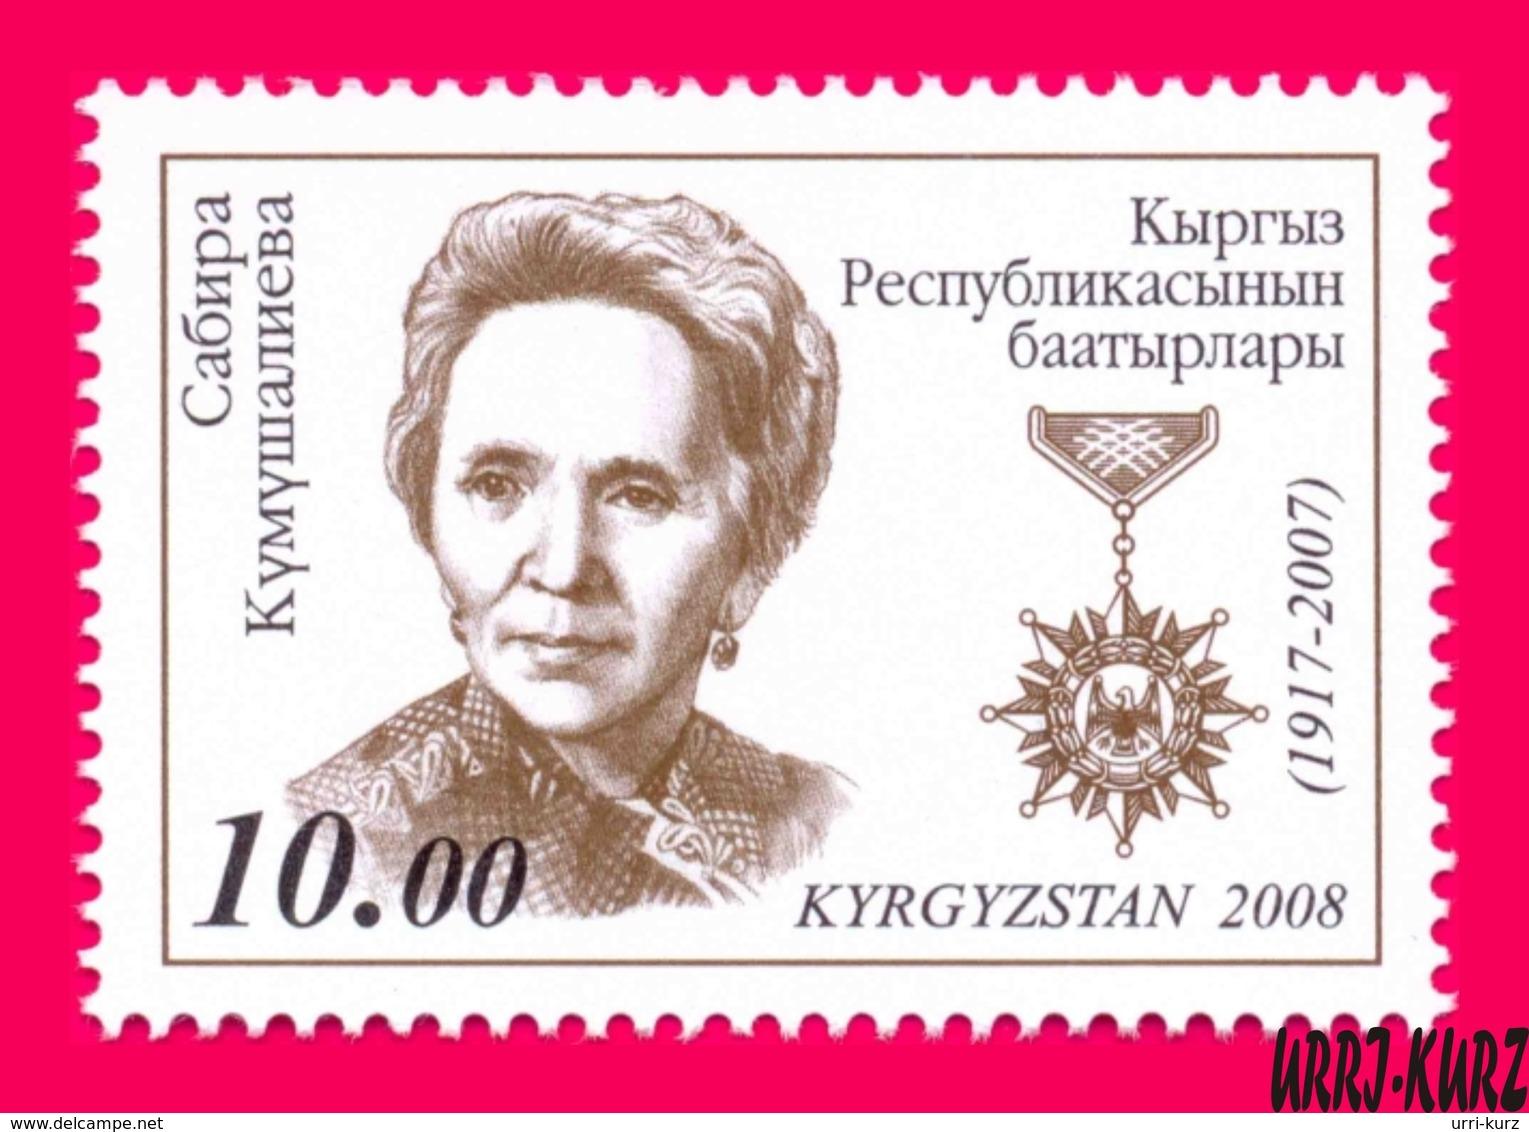 KYRGYZSTAN 2008 Famous People Hero Woman Actress Kumushalieva (1917-2007) Award Order Medal 1v Mi 529A MNH - Kyrgyzstan